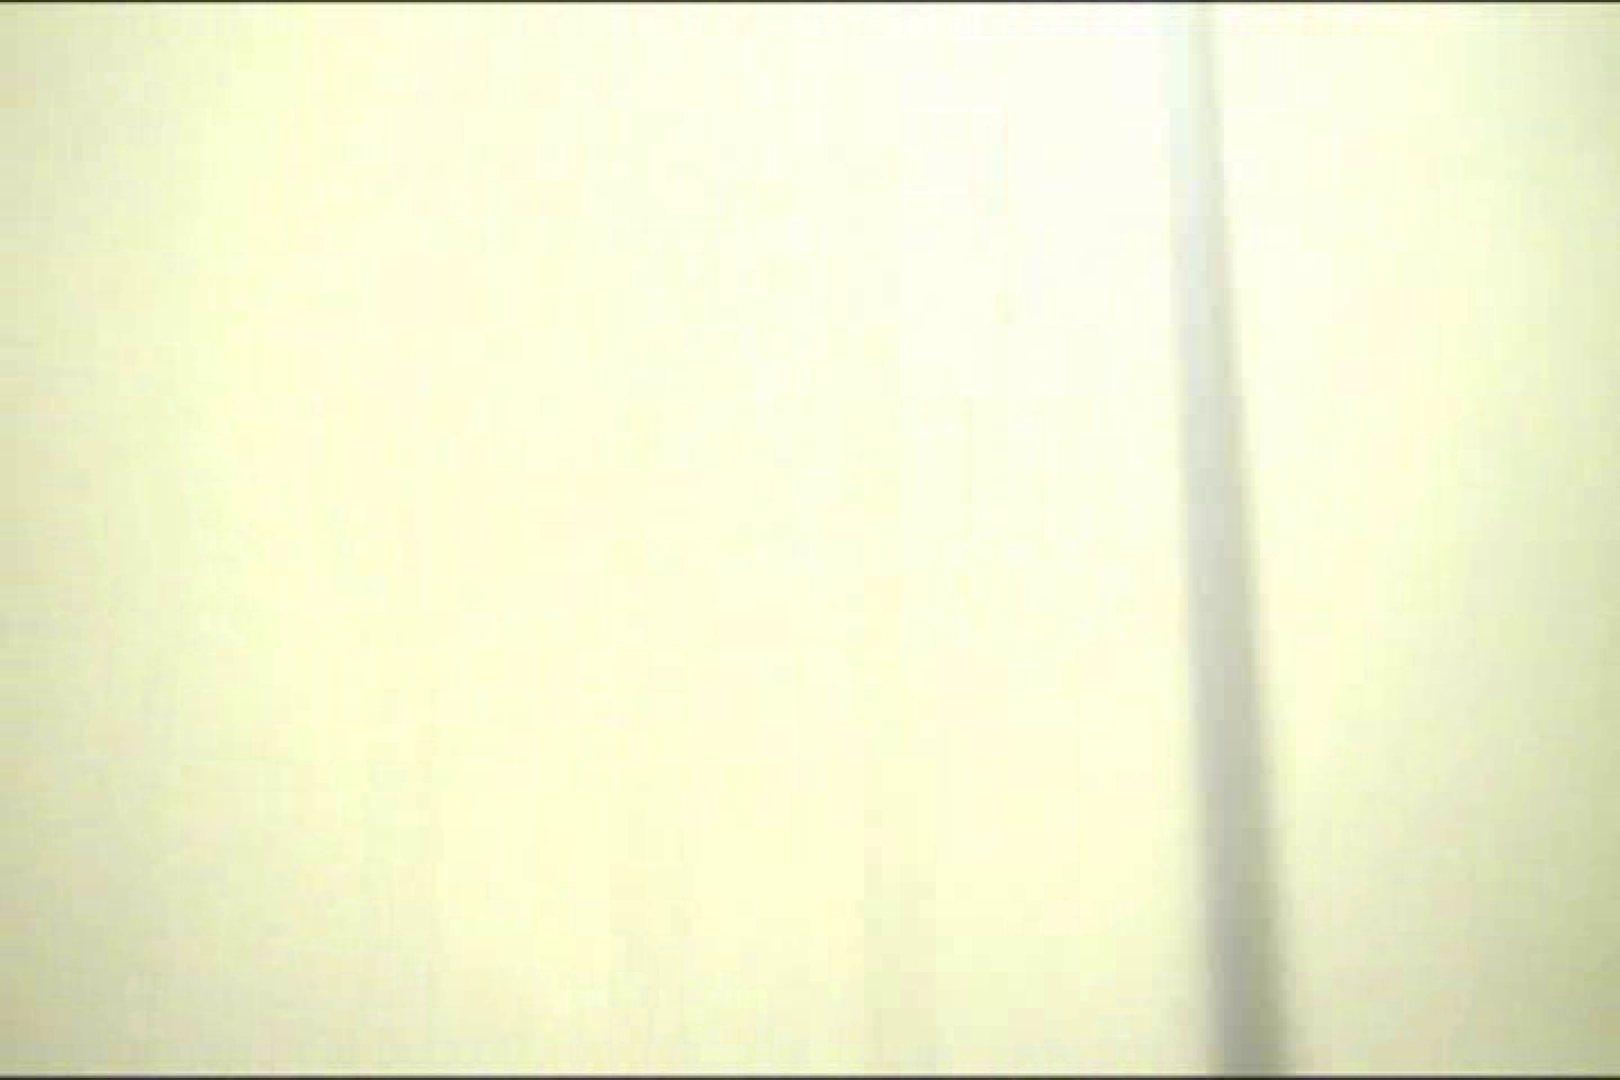 マンコ丸見え女子洗面所Vol.17 OLエロ画像 盗み撮り動画キャプチャ 74PICs 47